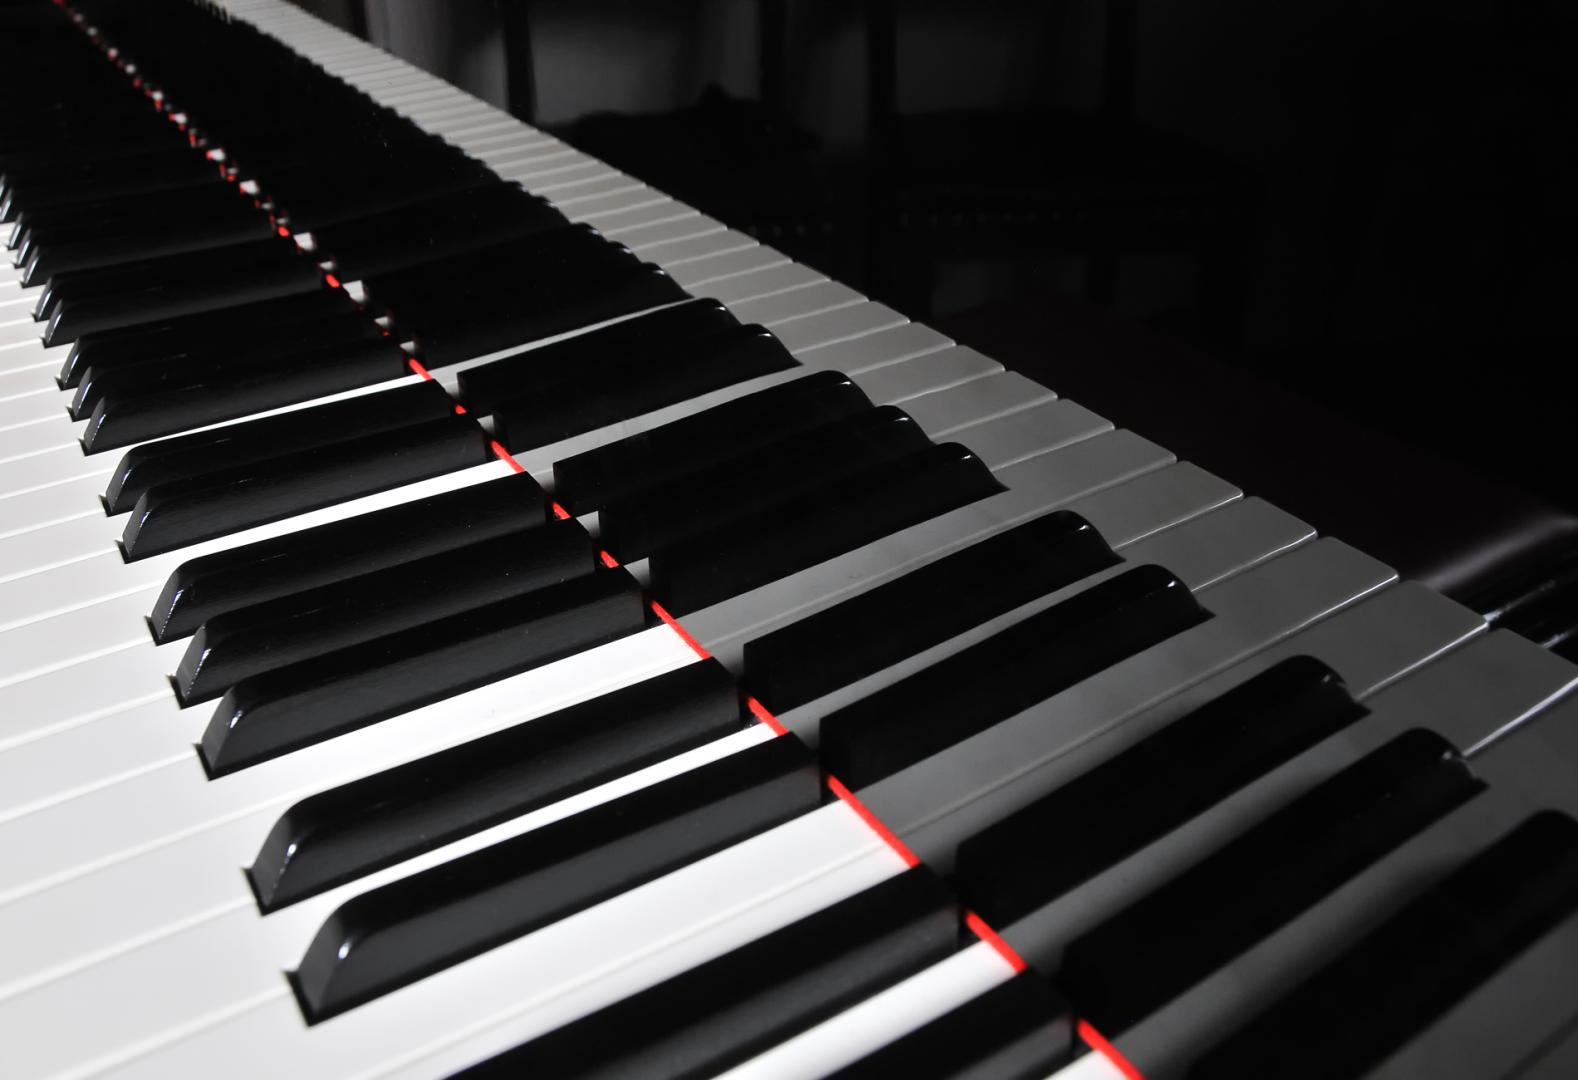 Comment bien choisir et acheter son premier piano ?